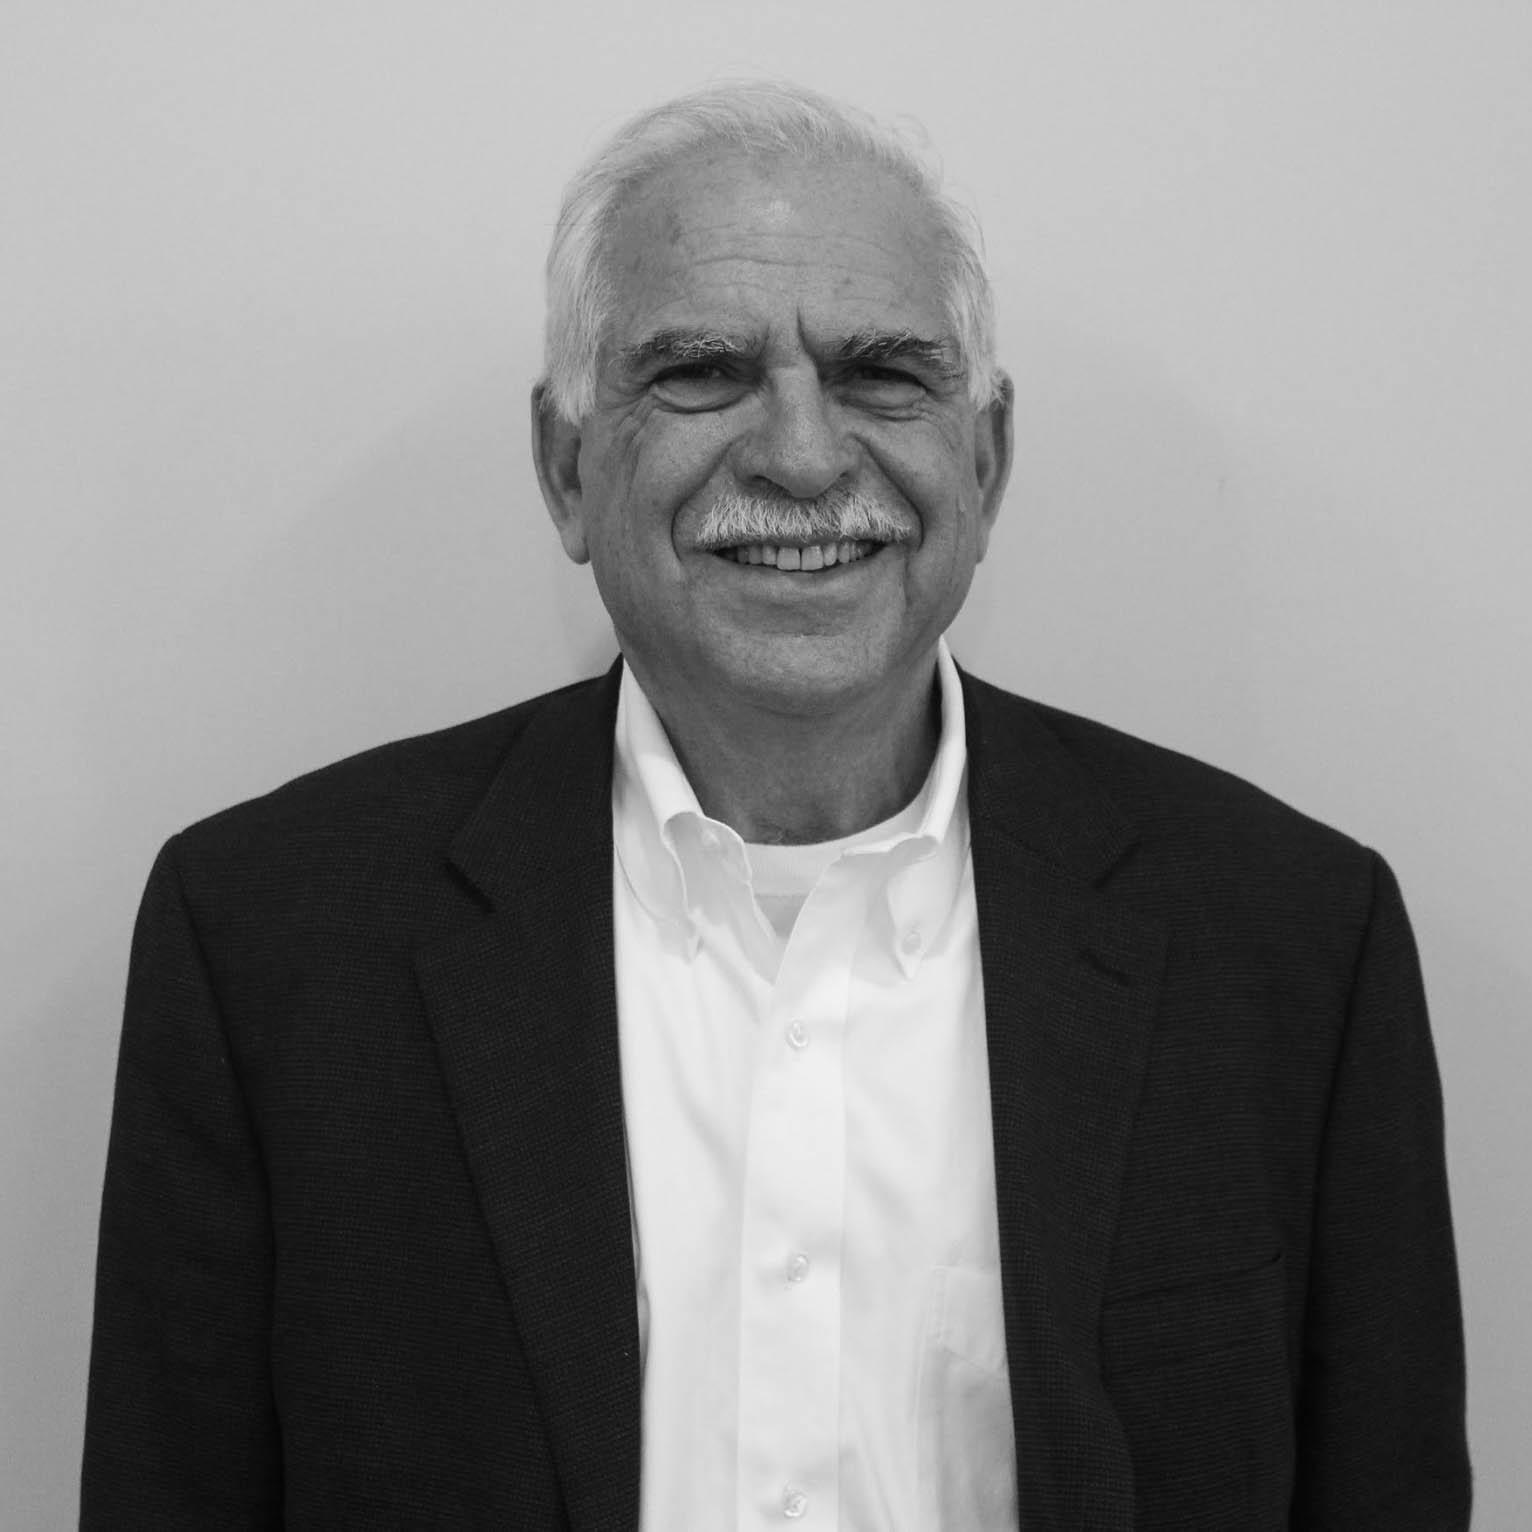 Peter Bryant - COO/CFO of Isabella Stewart Gardner Museum | Former CFO of the Boston Health Care for the Homeless Program